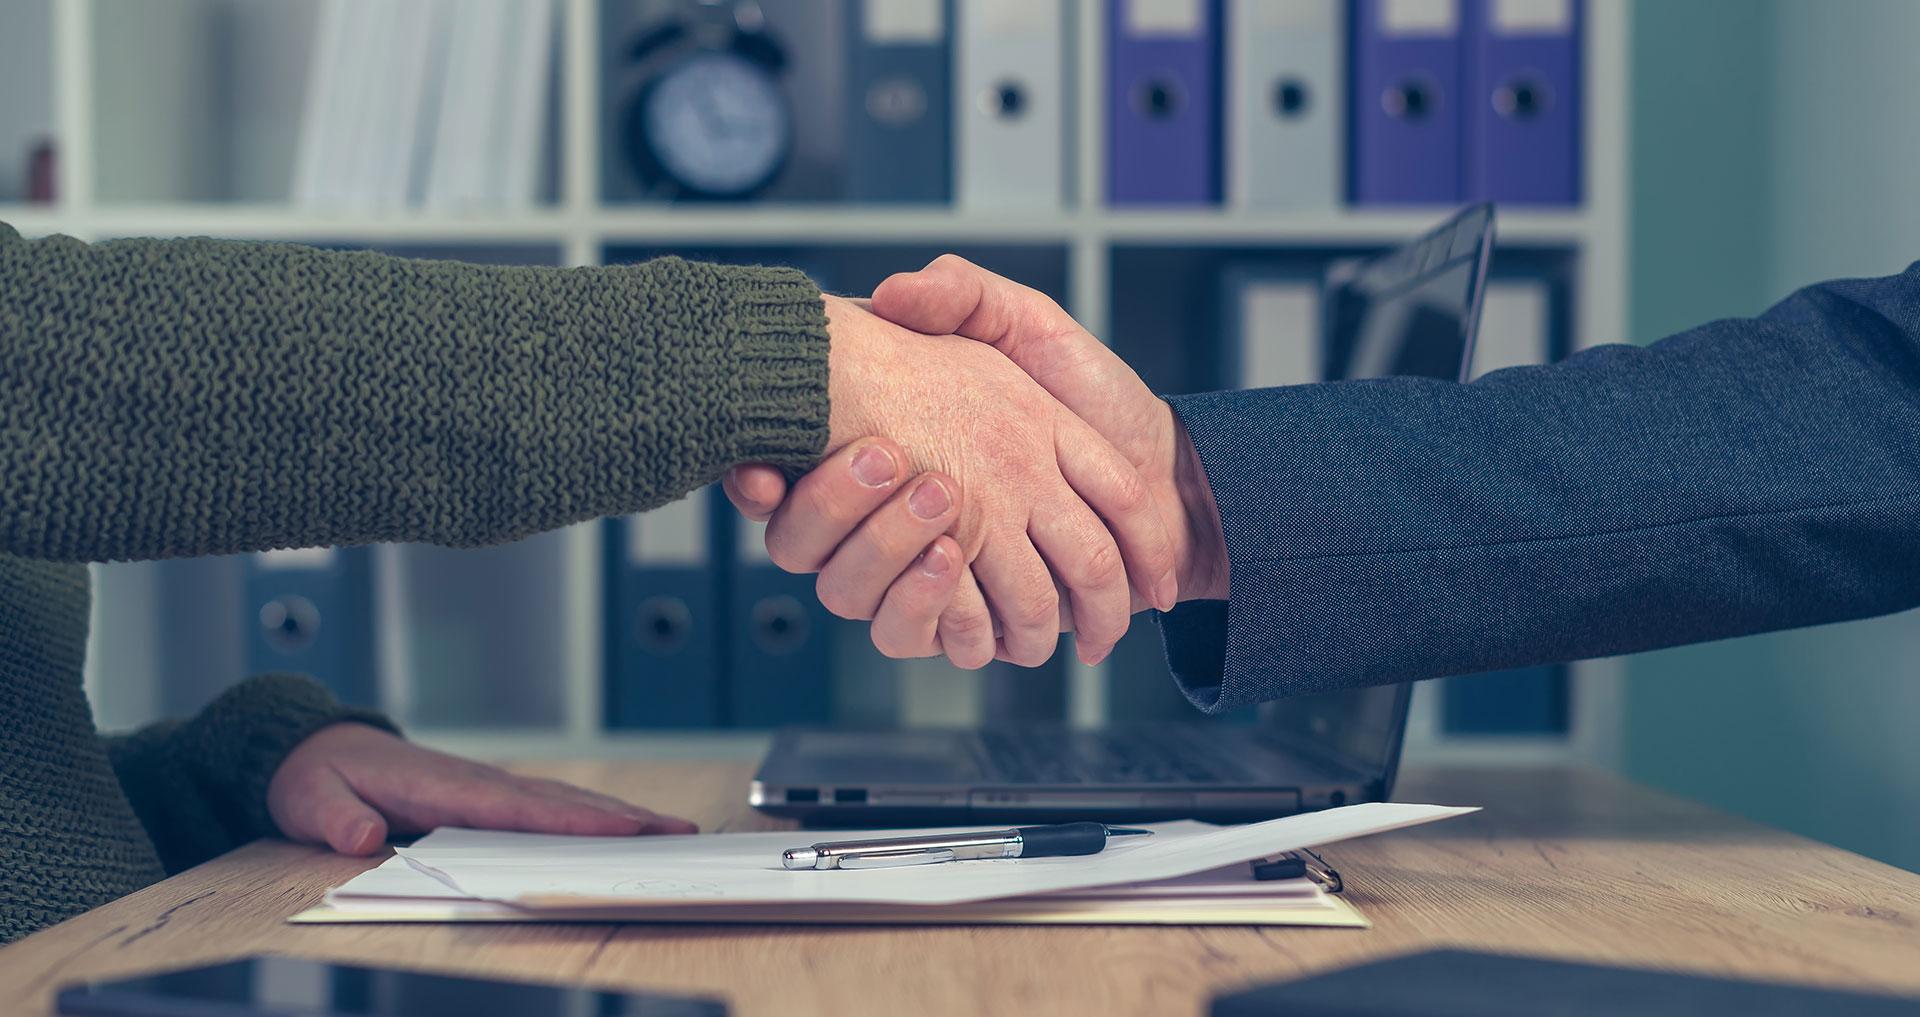 Jumătate dintre IMM-uri au probleme cu gestionarea fluxului de numerar şi evidenţa finanţelor